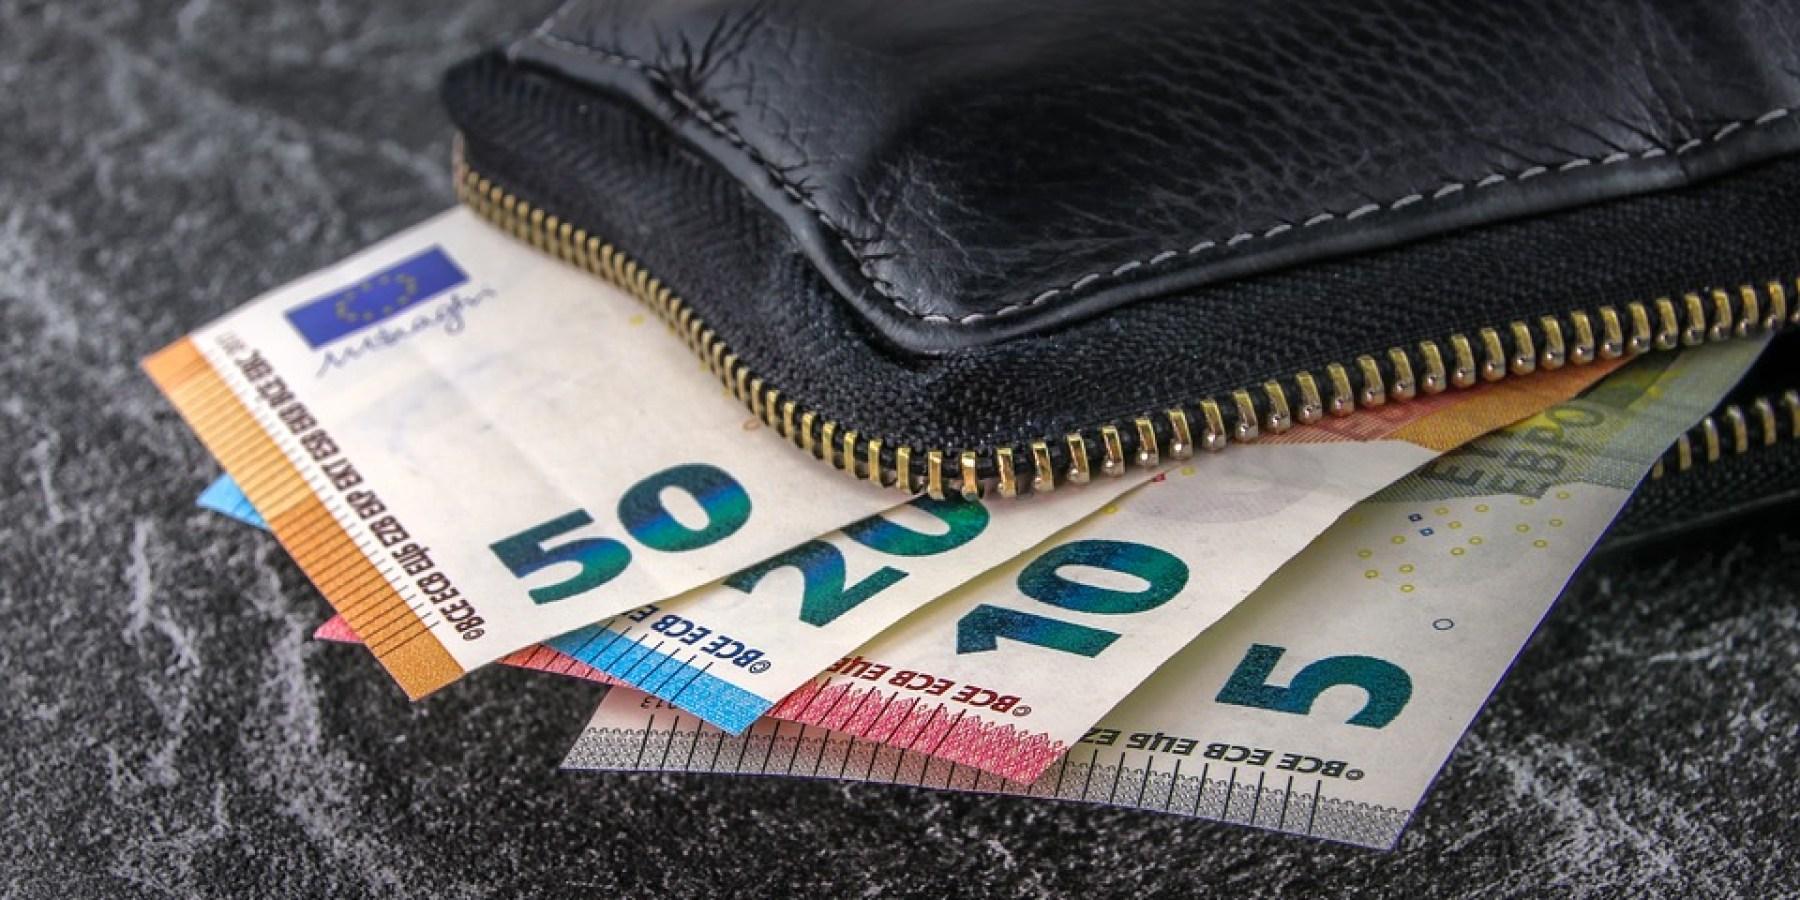 Angetanzt und Geldbörse gestohlen